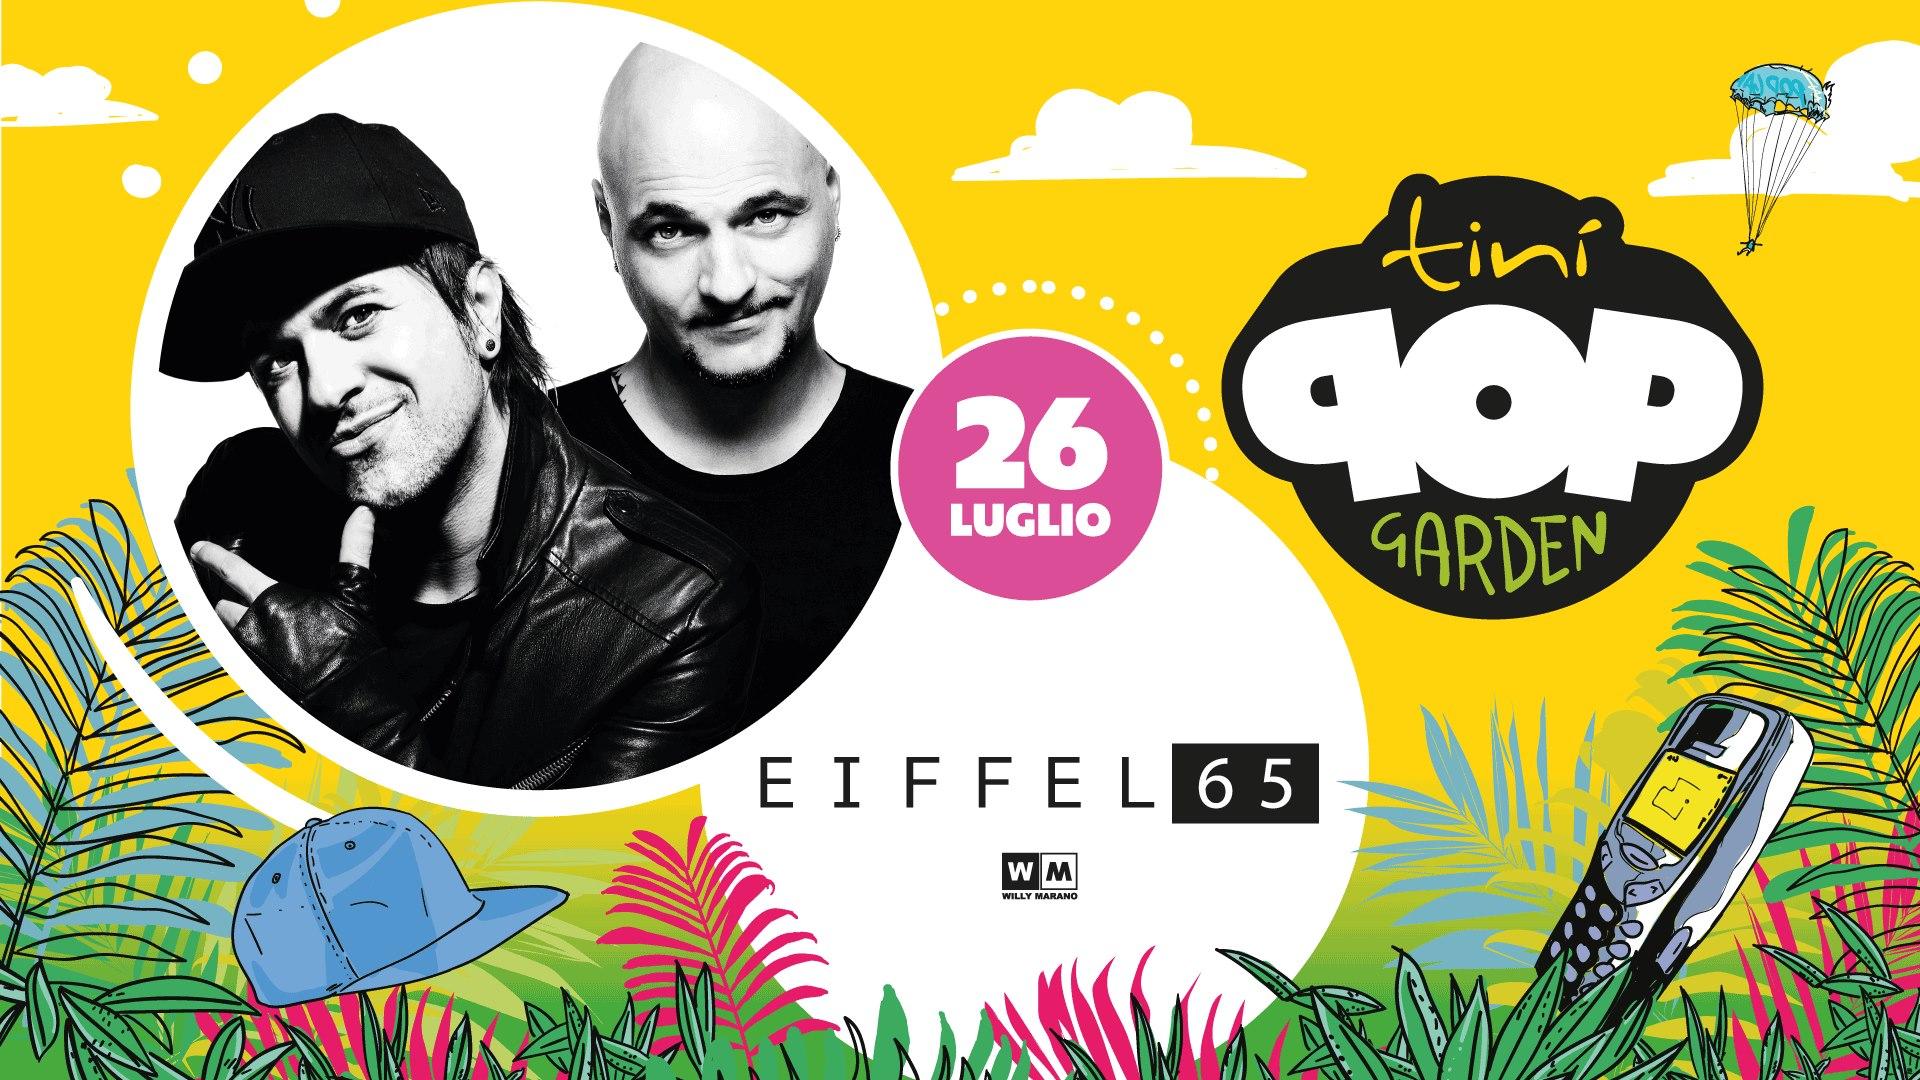 """Eiffel 65 – Tini SoundGarden Cecina """"Pop Garden"""" – Venerdì 26 Luglio 2019 – Ticket e Pacchetti Hotel"""